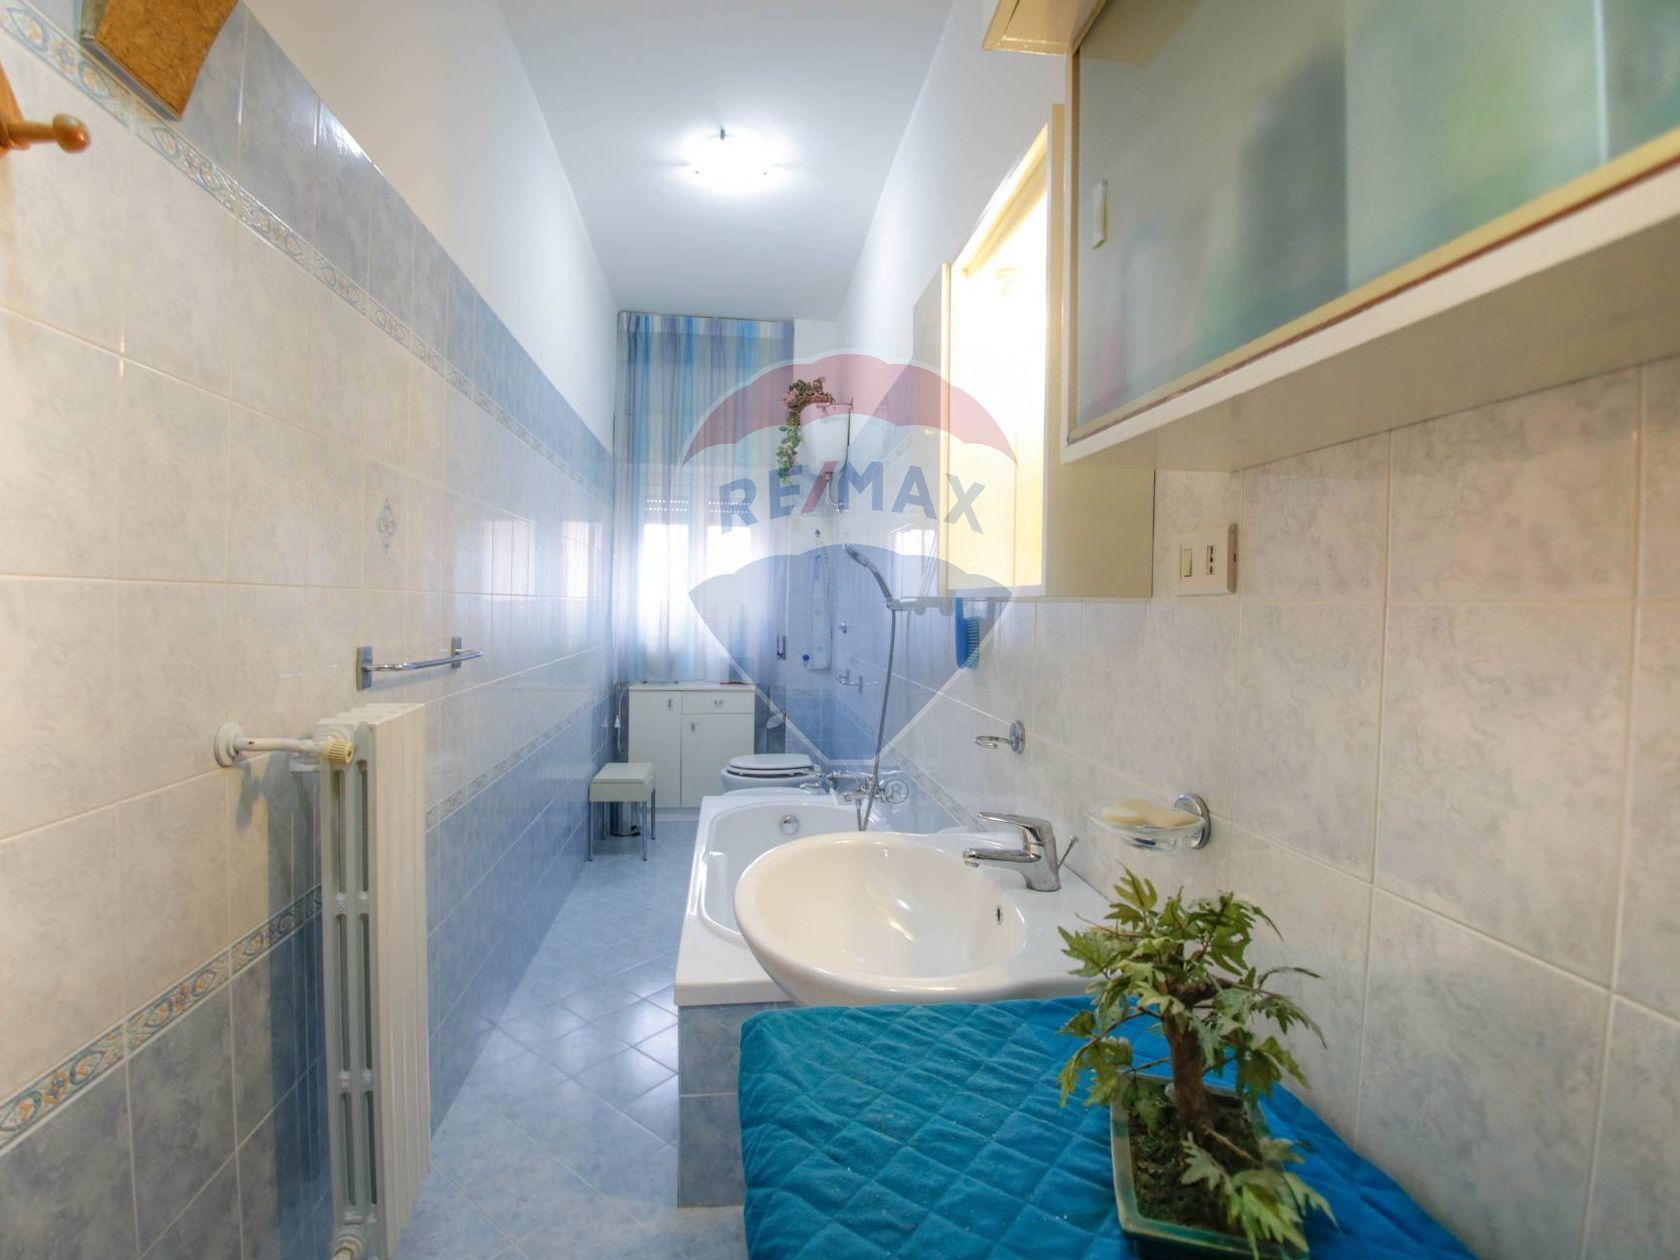 Appartamento Stazione, Chieti, CH Vendita - Foto 17